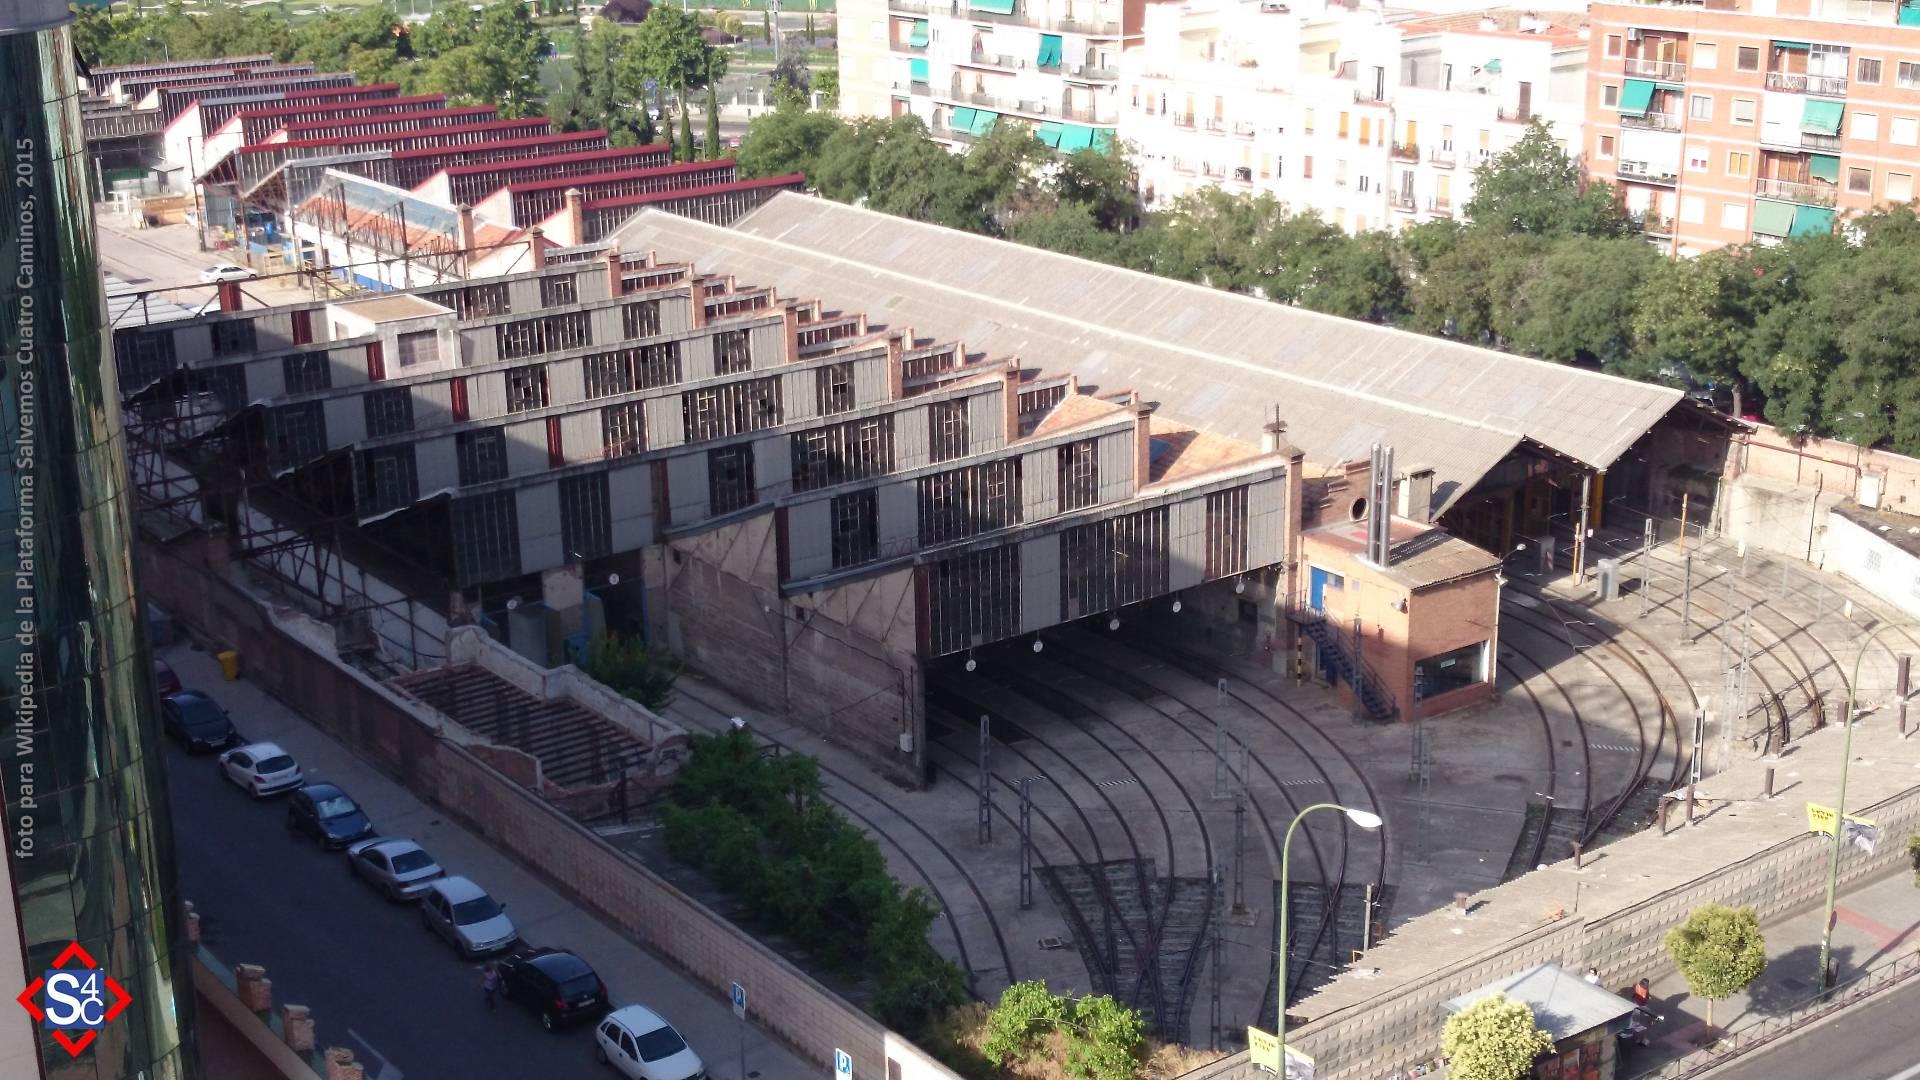 La sombra de la especulación urbanística amenaza a las históricas cocheras de Cuatro Caminos, que aún pueden ser salvadas y convertirse en un Museo del metro. Foto: Salvelos Cuatro Caminos.